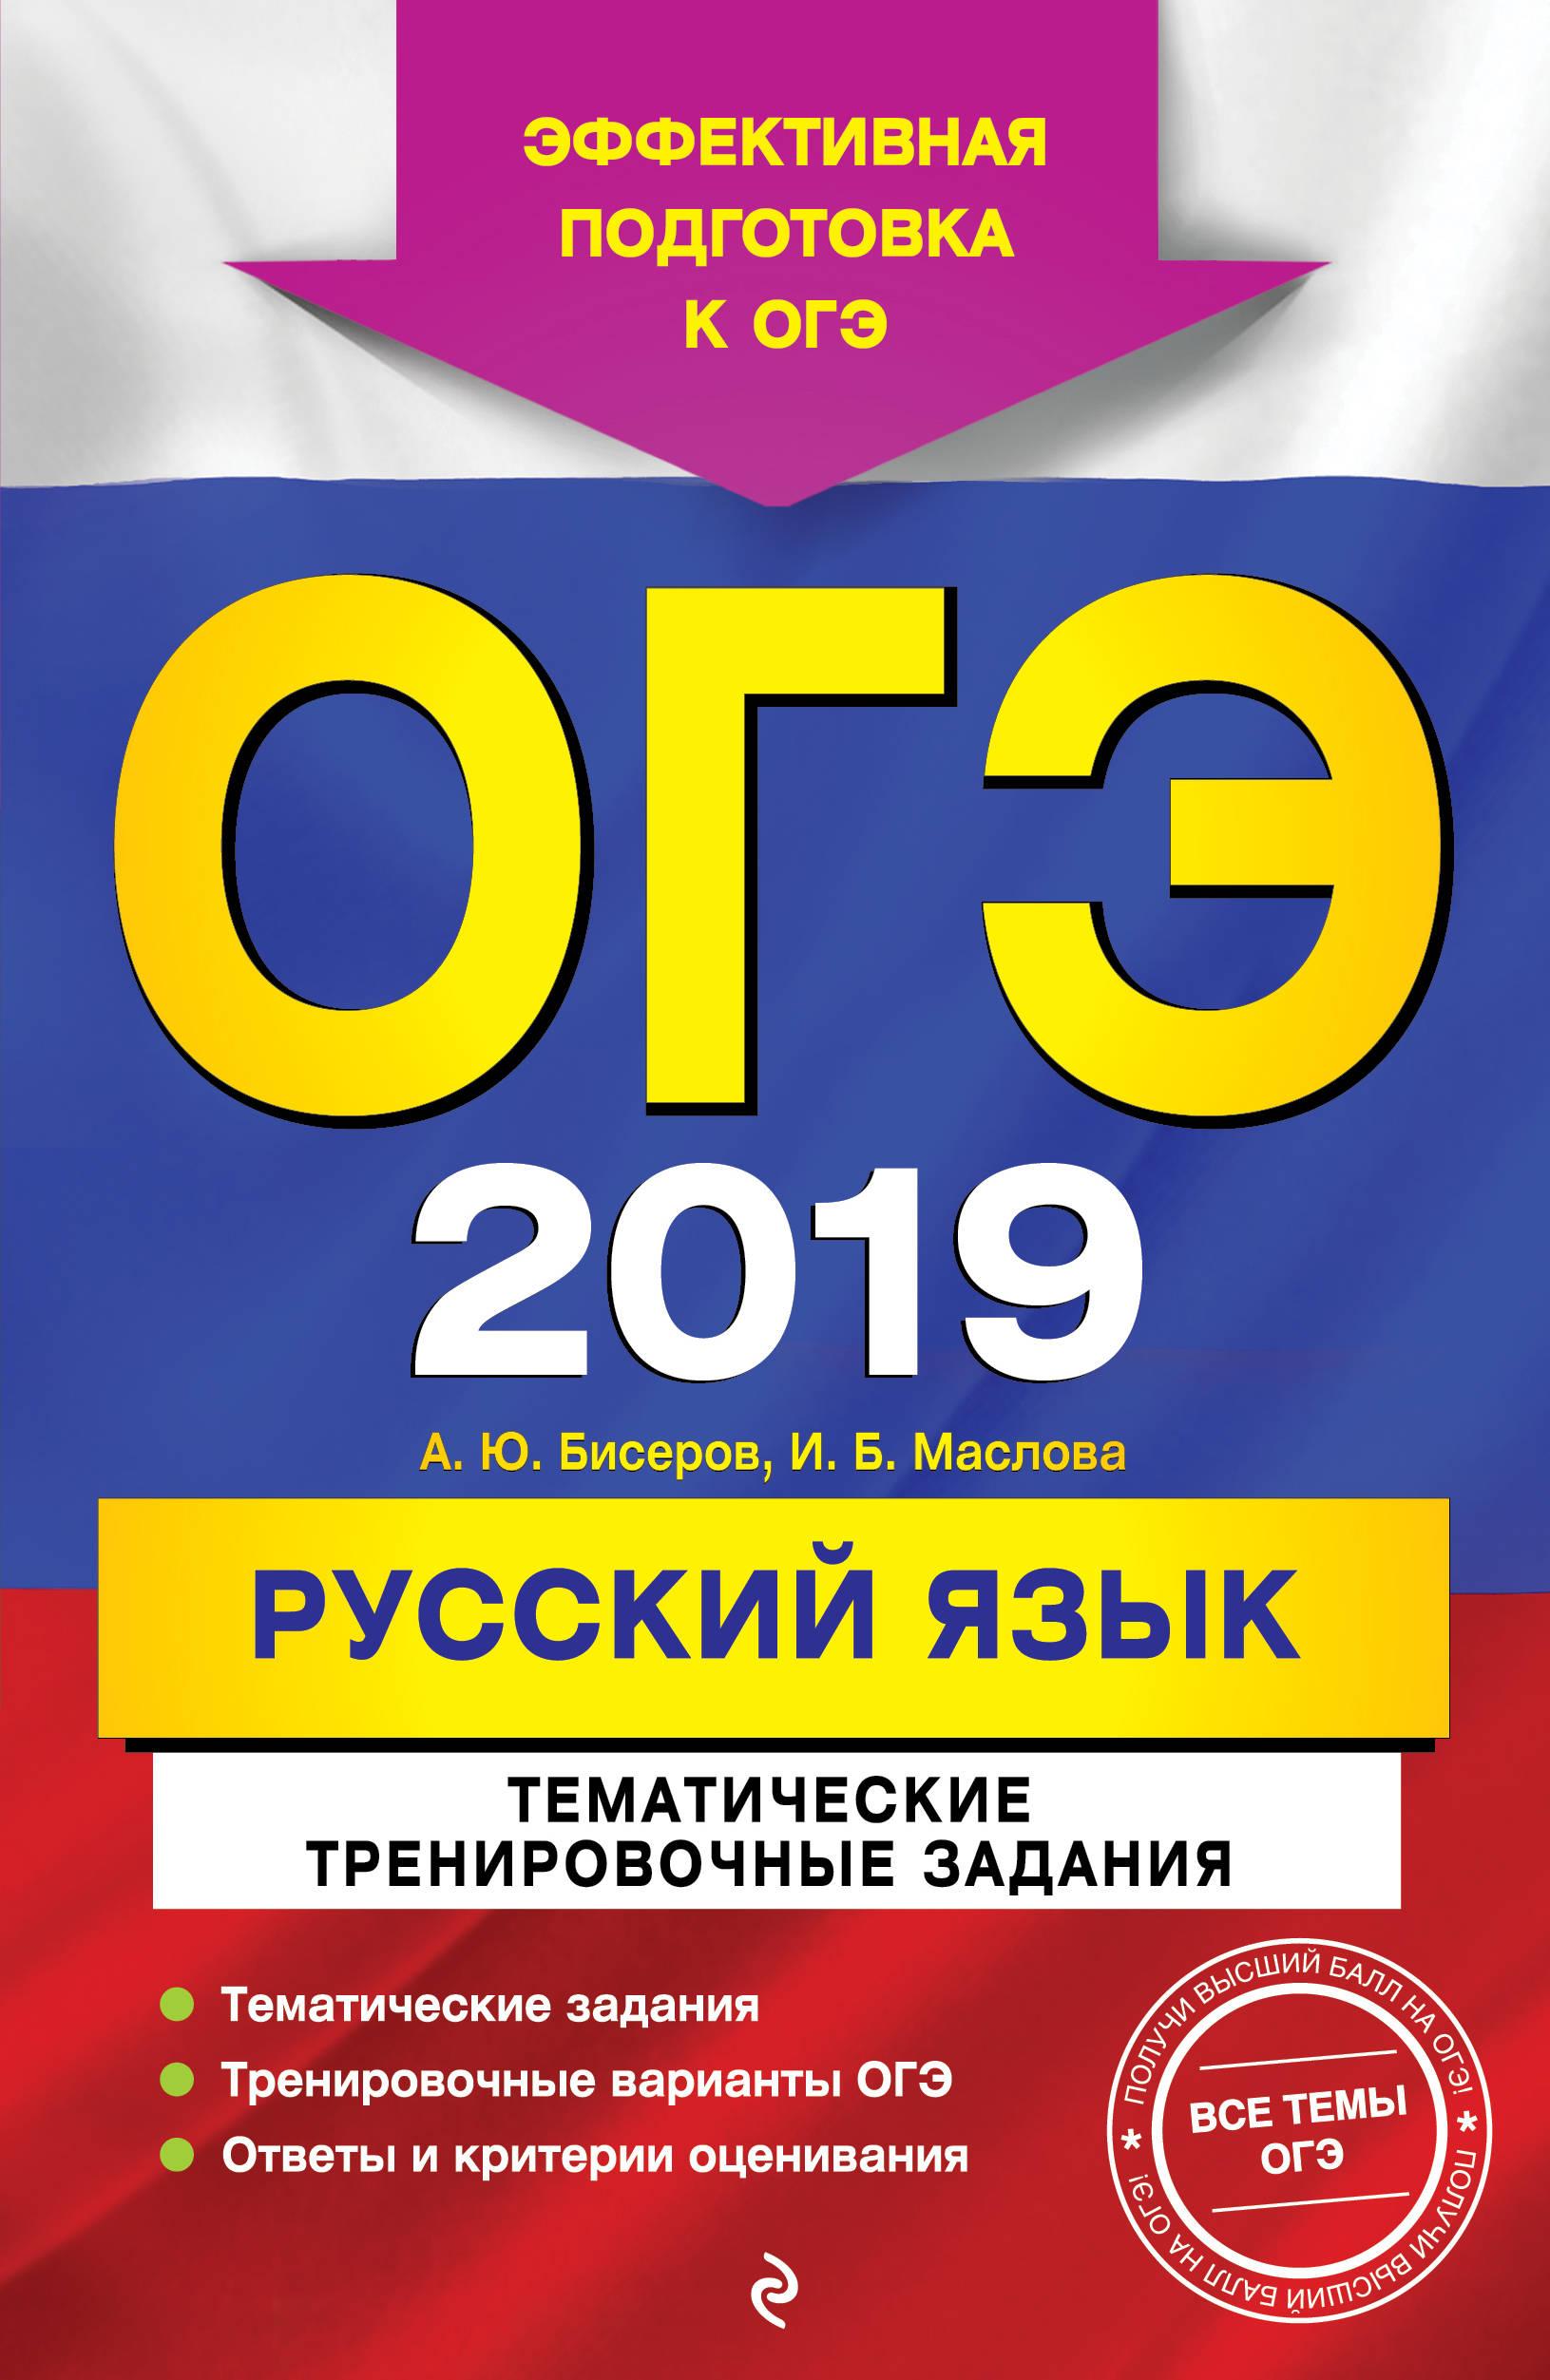 OGE-2019. Russkij jazyk. Tematicheskie trenirovochnye zadanija